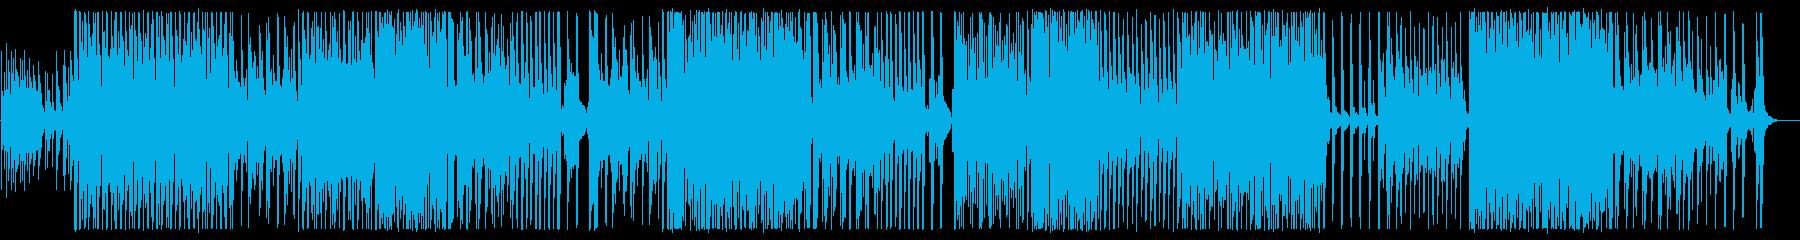 メローで緩やかなワルツ風テクノポップの再生済みの波形